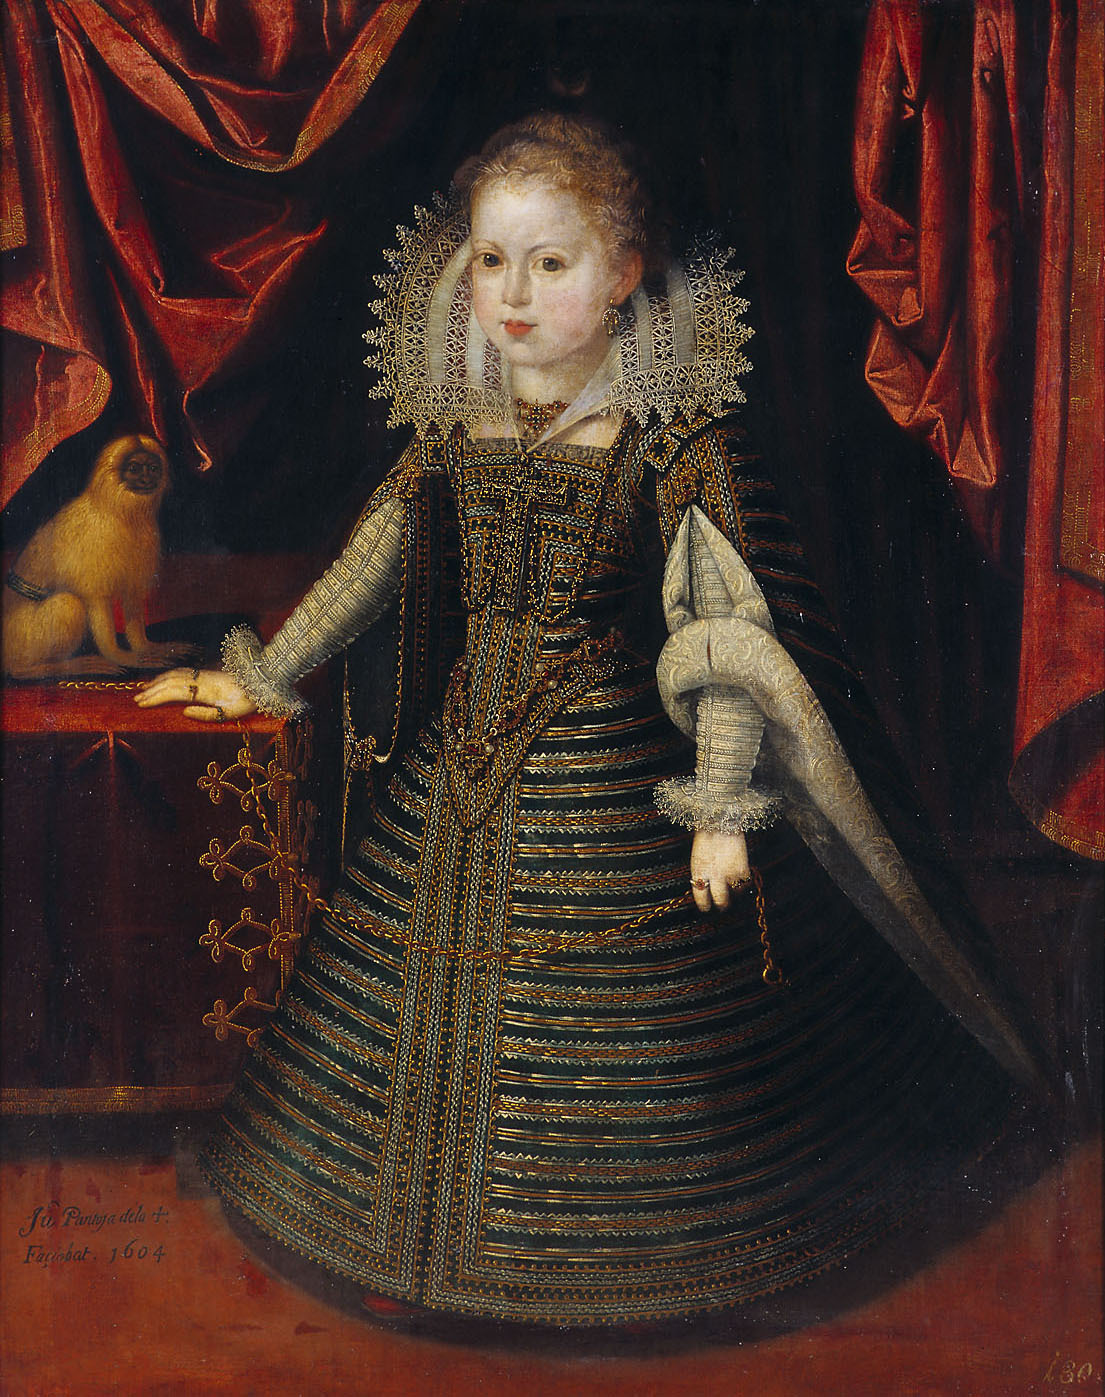 Infantin Anna (1601-1666), Königin von Frankreich, Bildnis in ganzer Figur mit einem Löwenäffchen von Juan Pantoja de la Cruz